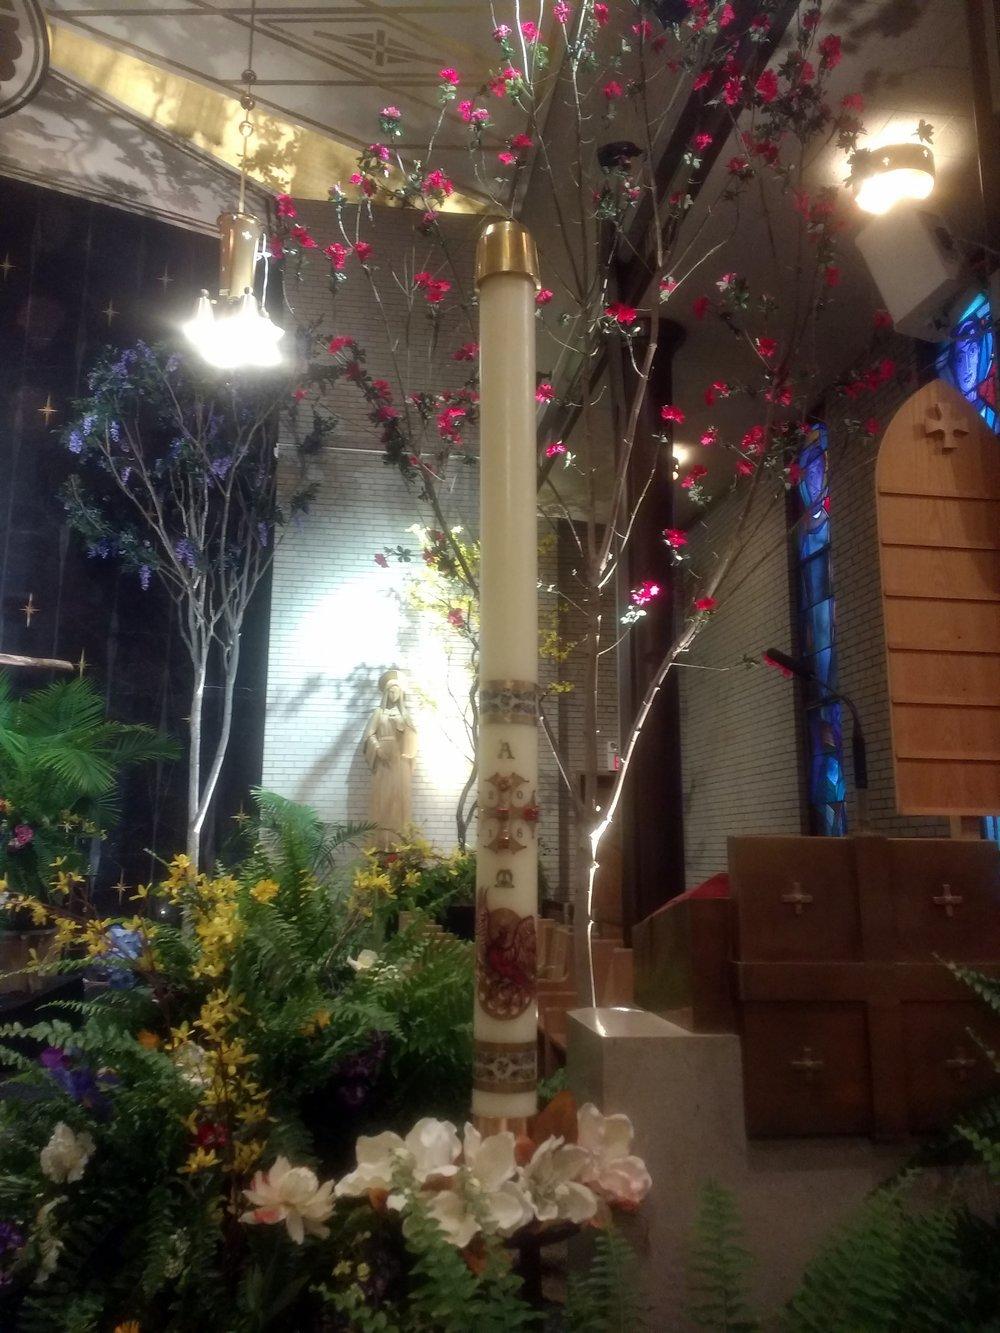 St Gertrude, Cincinati OH